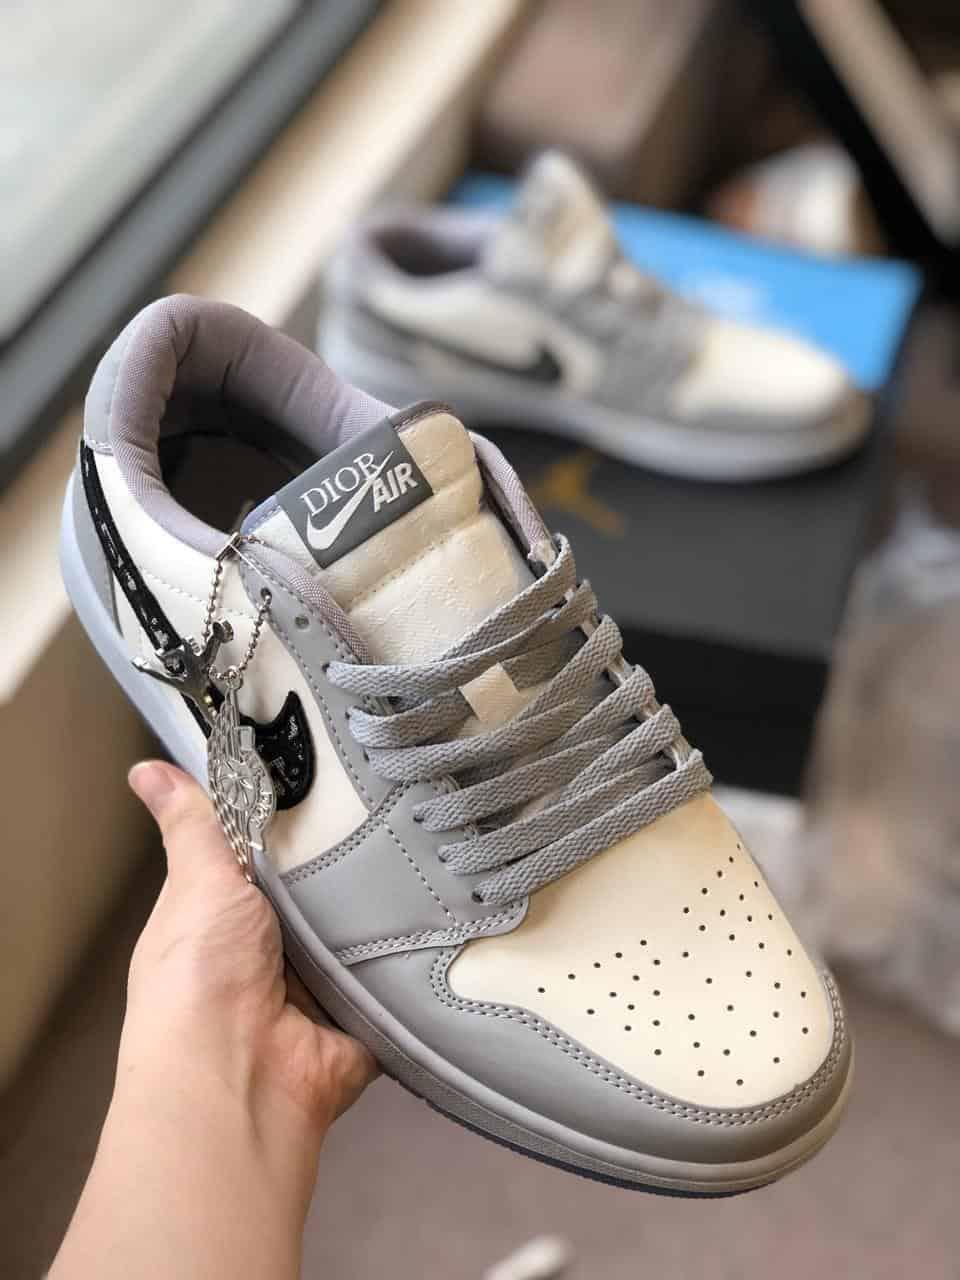 Giày Jordan Dior rep 1:1 dễ làm sạch, ít bị bám bụi